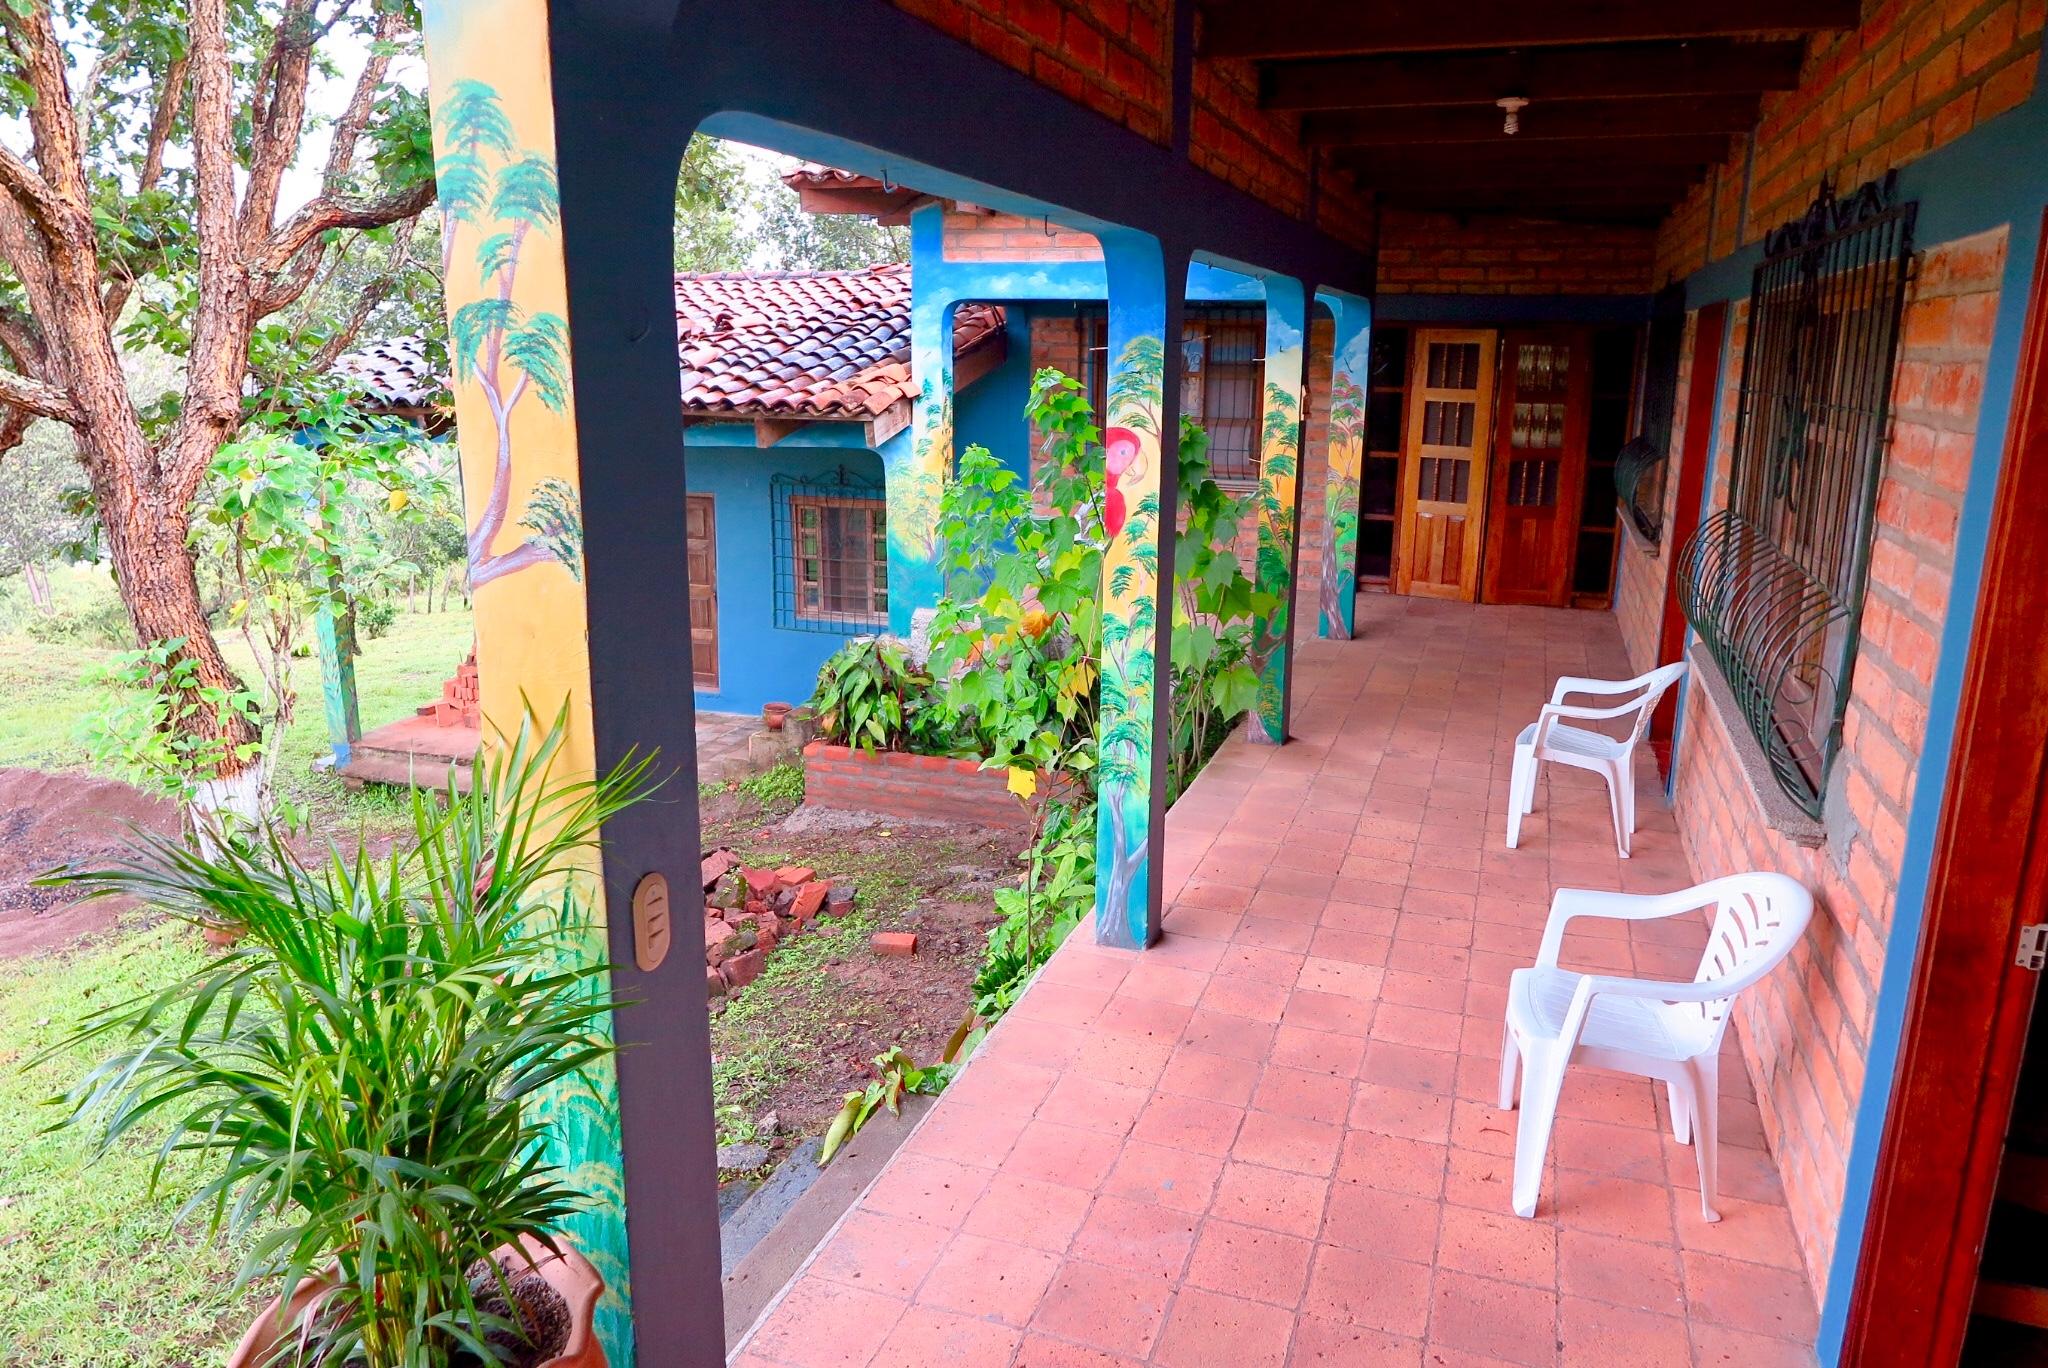 Villa Gracia's front porch.